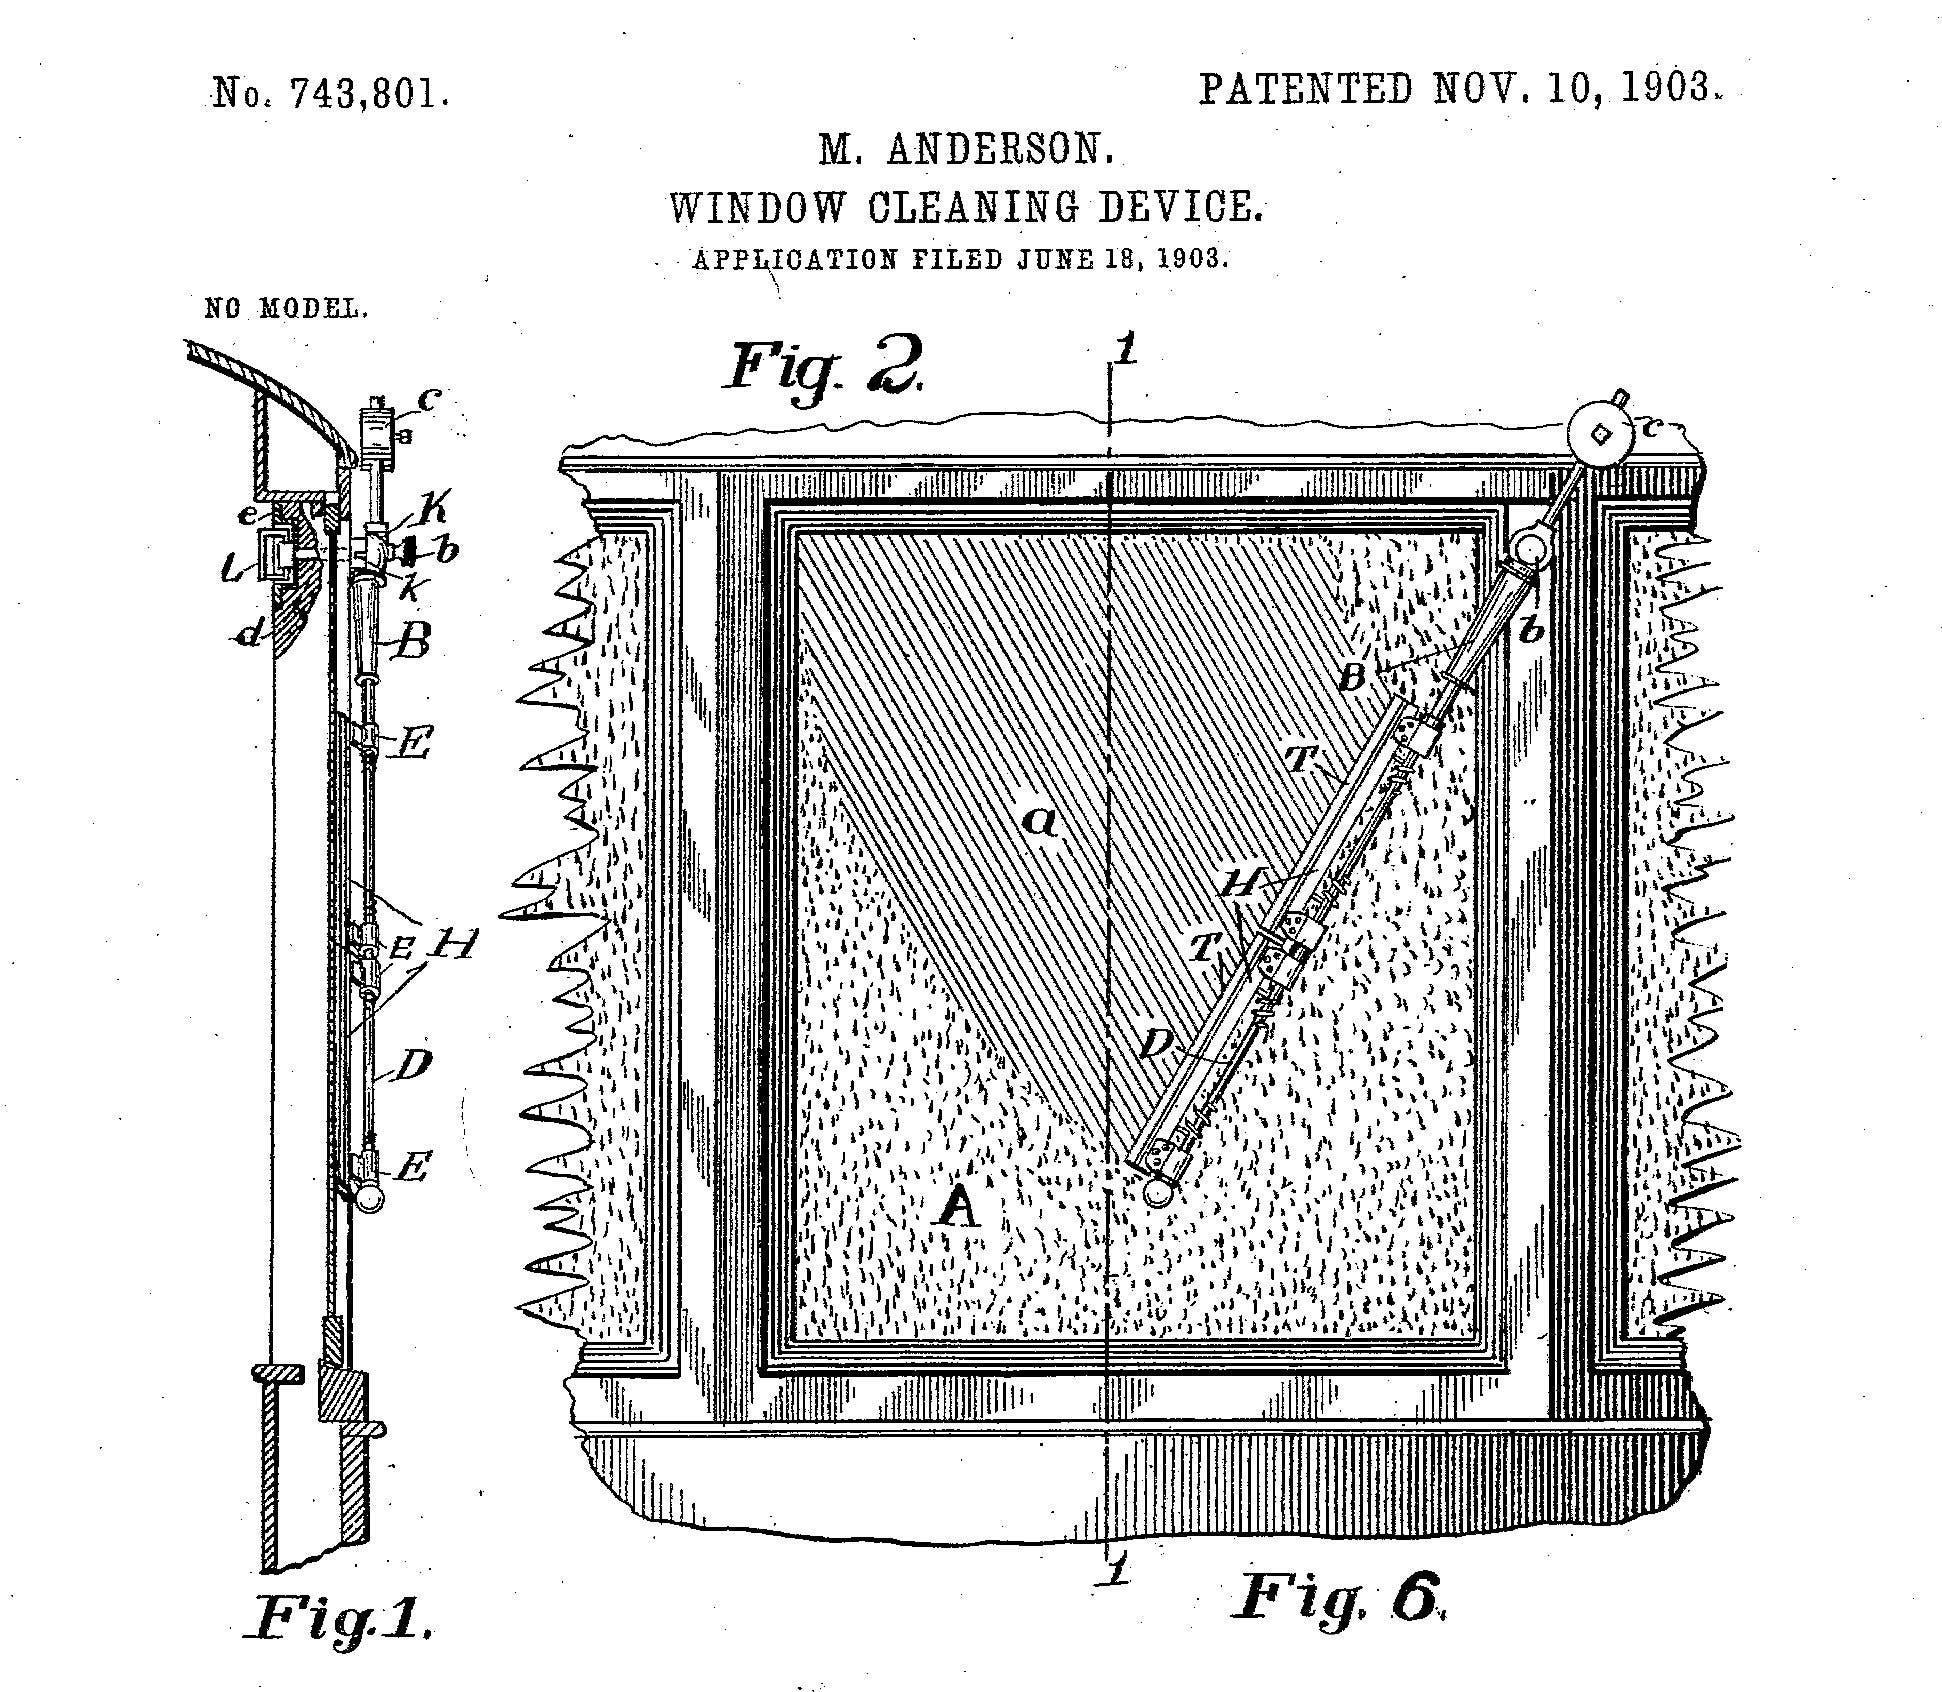 رسم توضيحي لإختراع ماري أندرسون